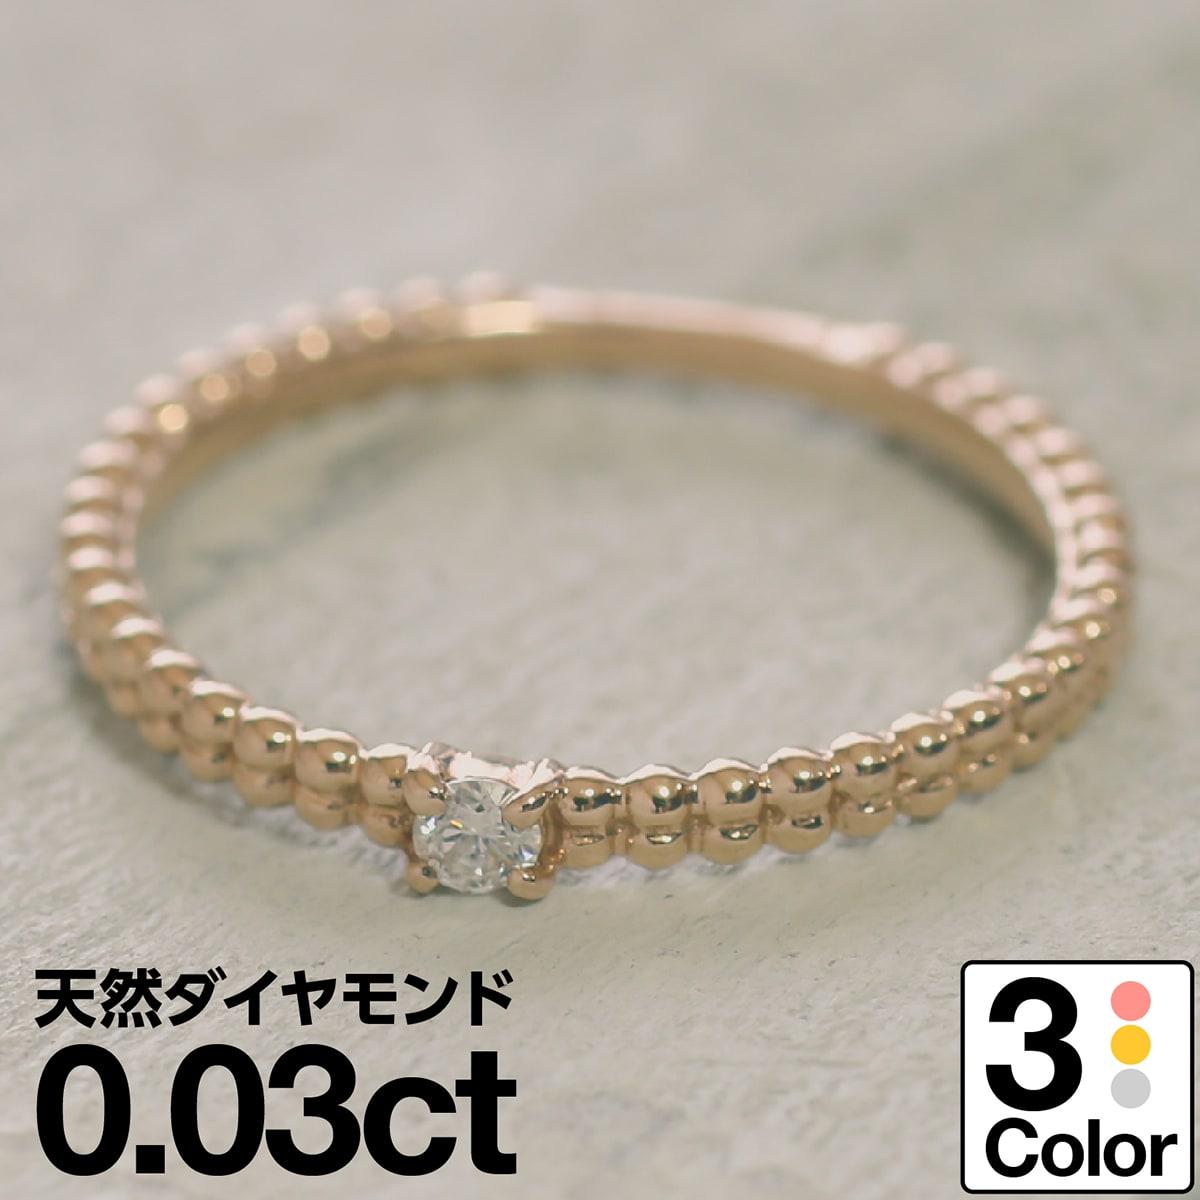 ダイヤモンド リング k10 イエローゴールド/ホワイトゴールド/ピンクゴールド ファッションリング 品質保証書 金属アレルギー 日本製 誕生日 ギフト